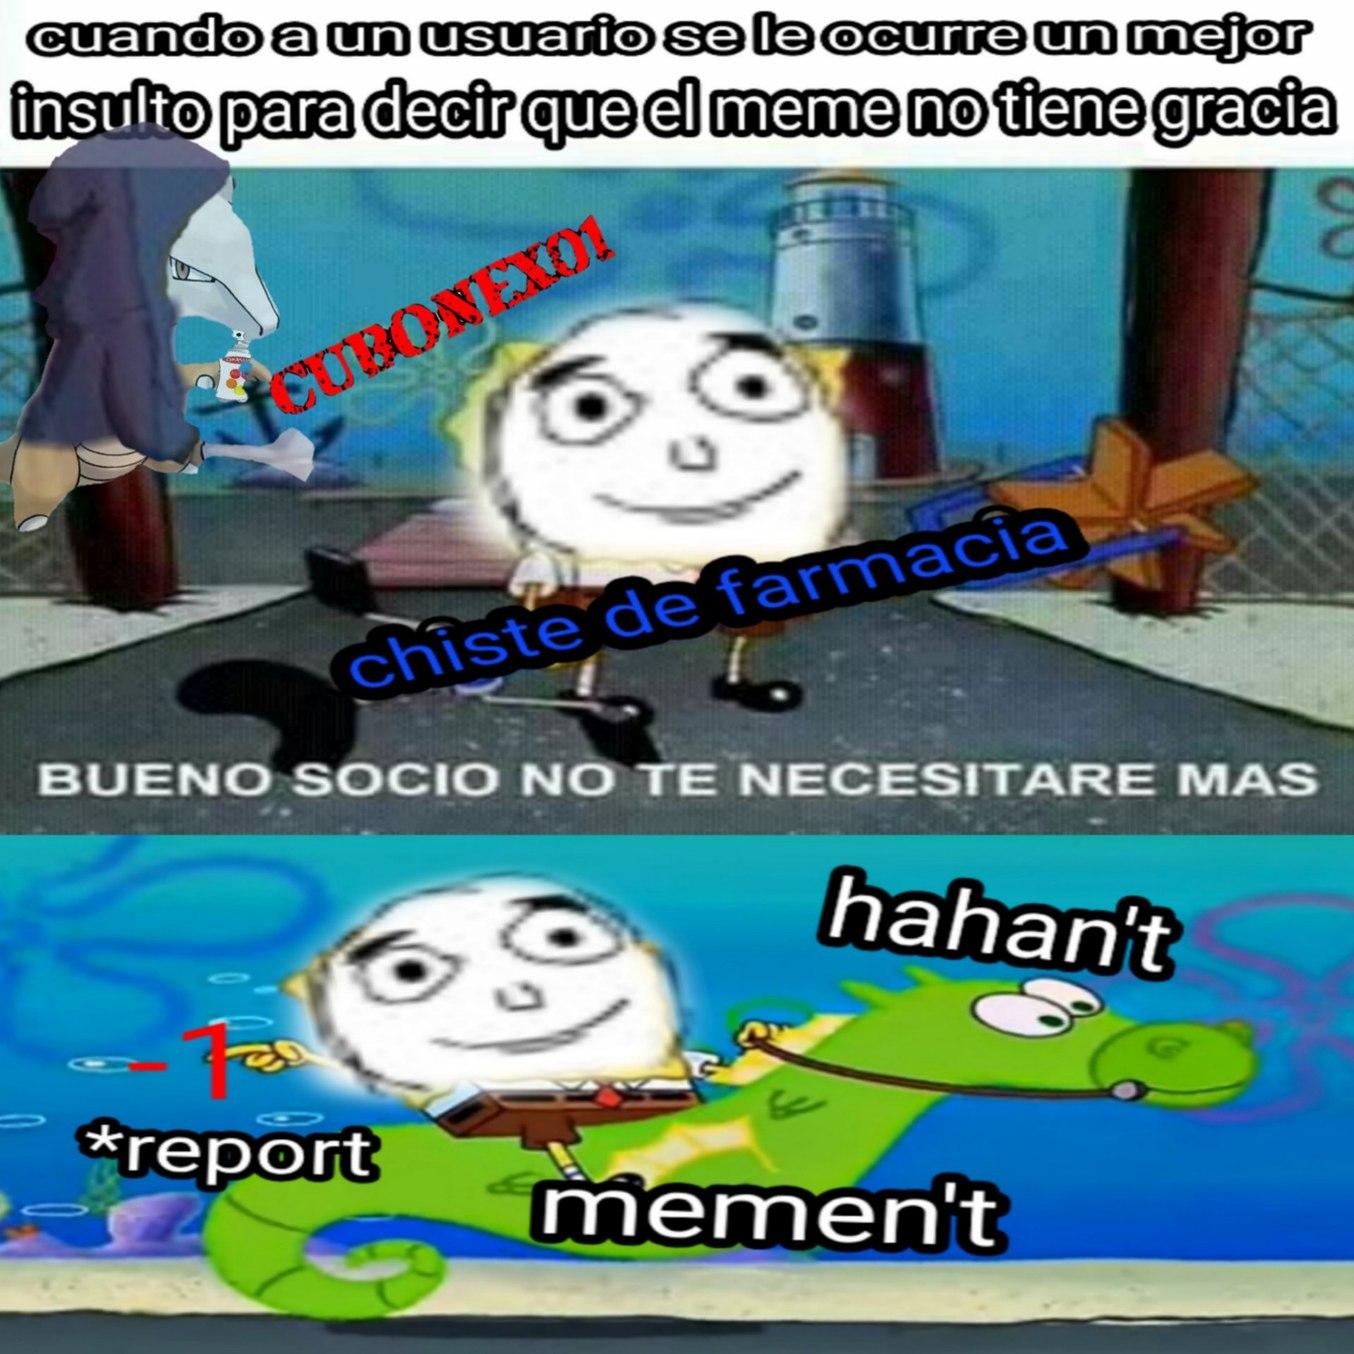 Hehen't - meme